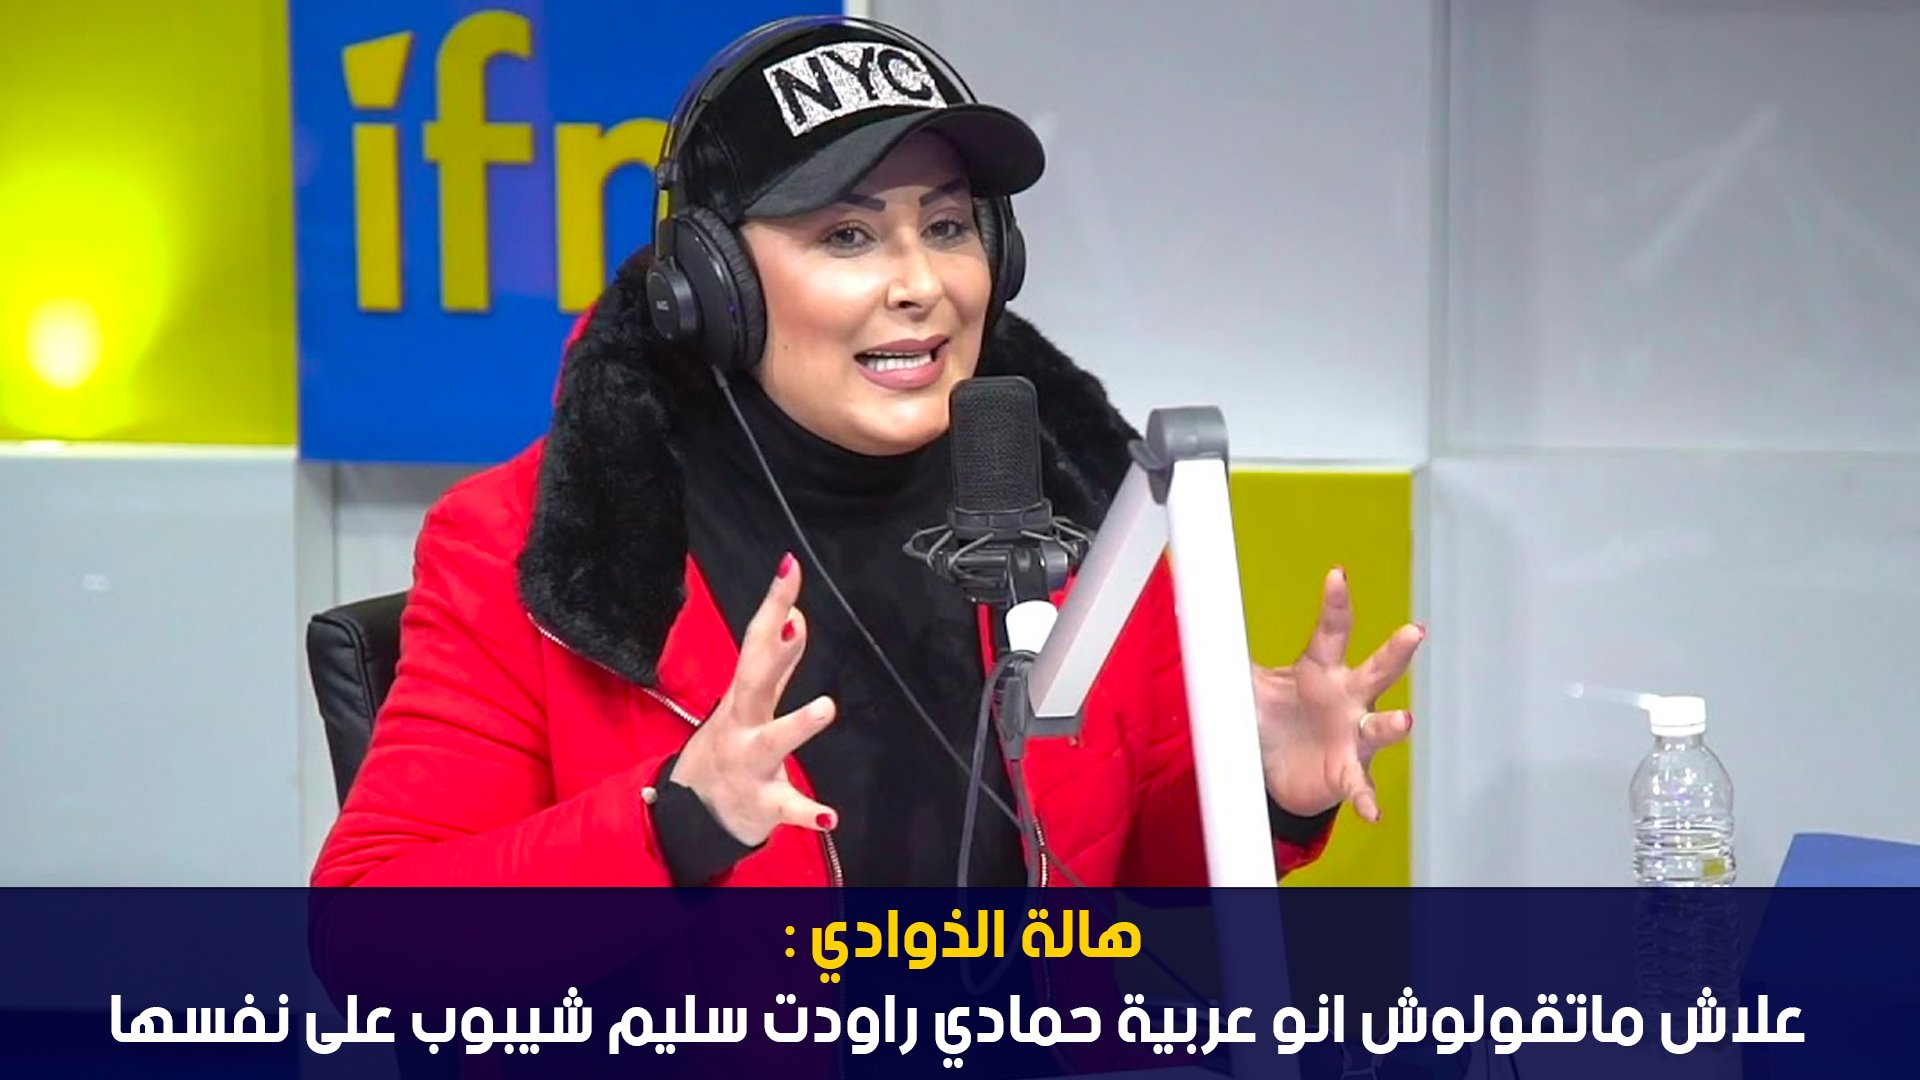 هالة الذوادي: علاش ماتقولوش انو عربية حمادي راودت سليم شيبوب على نفسها